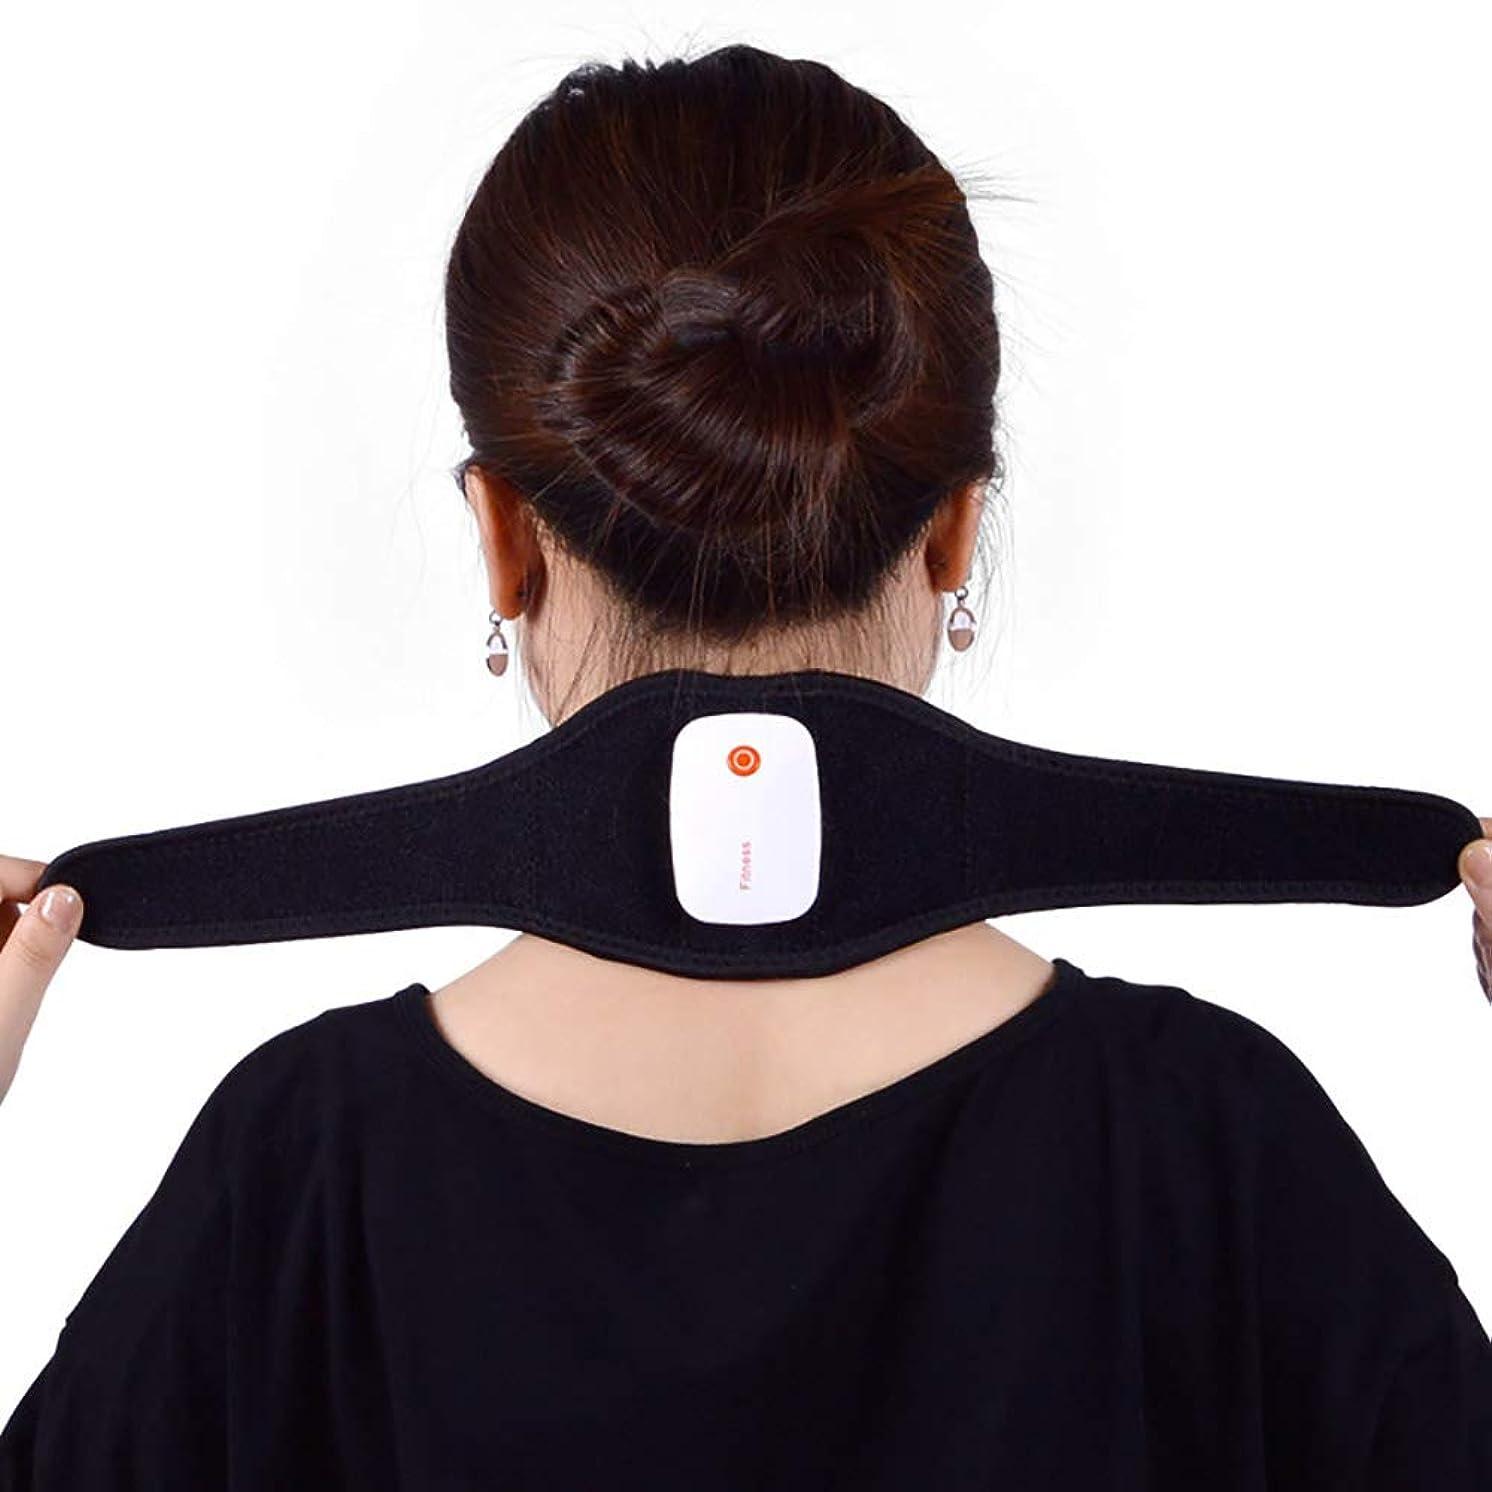 法的パークアルプスUSB頚部首の肩のマッサージャー、APPのスマートな頚部マッサージャーの多機能の脈拍の首の理学療法のマッサージャー電気暖房+自己発熱の遠赤外線のサーモセラピーの技術